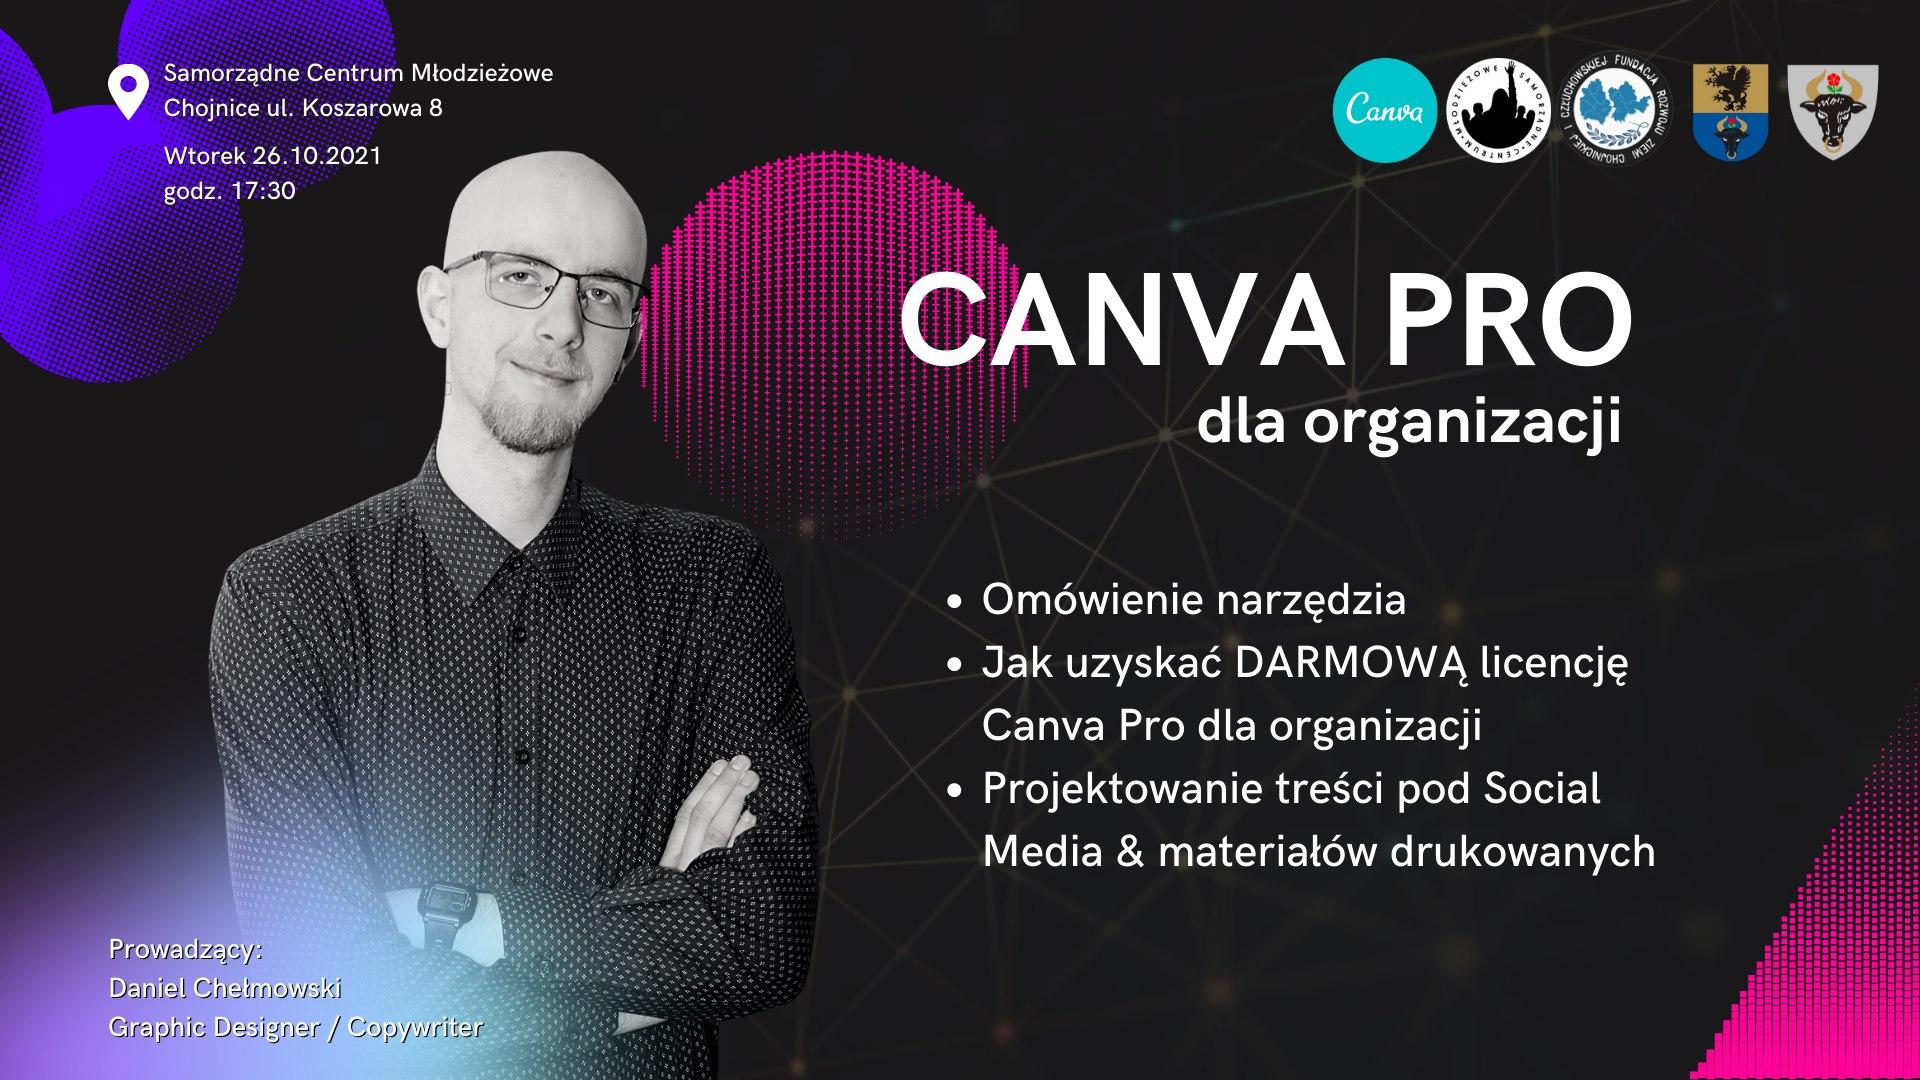 Canva PRO dla organizacji - Warsztaty poprowadzi Daniel Chełmowski